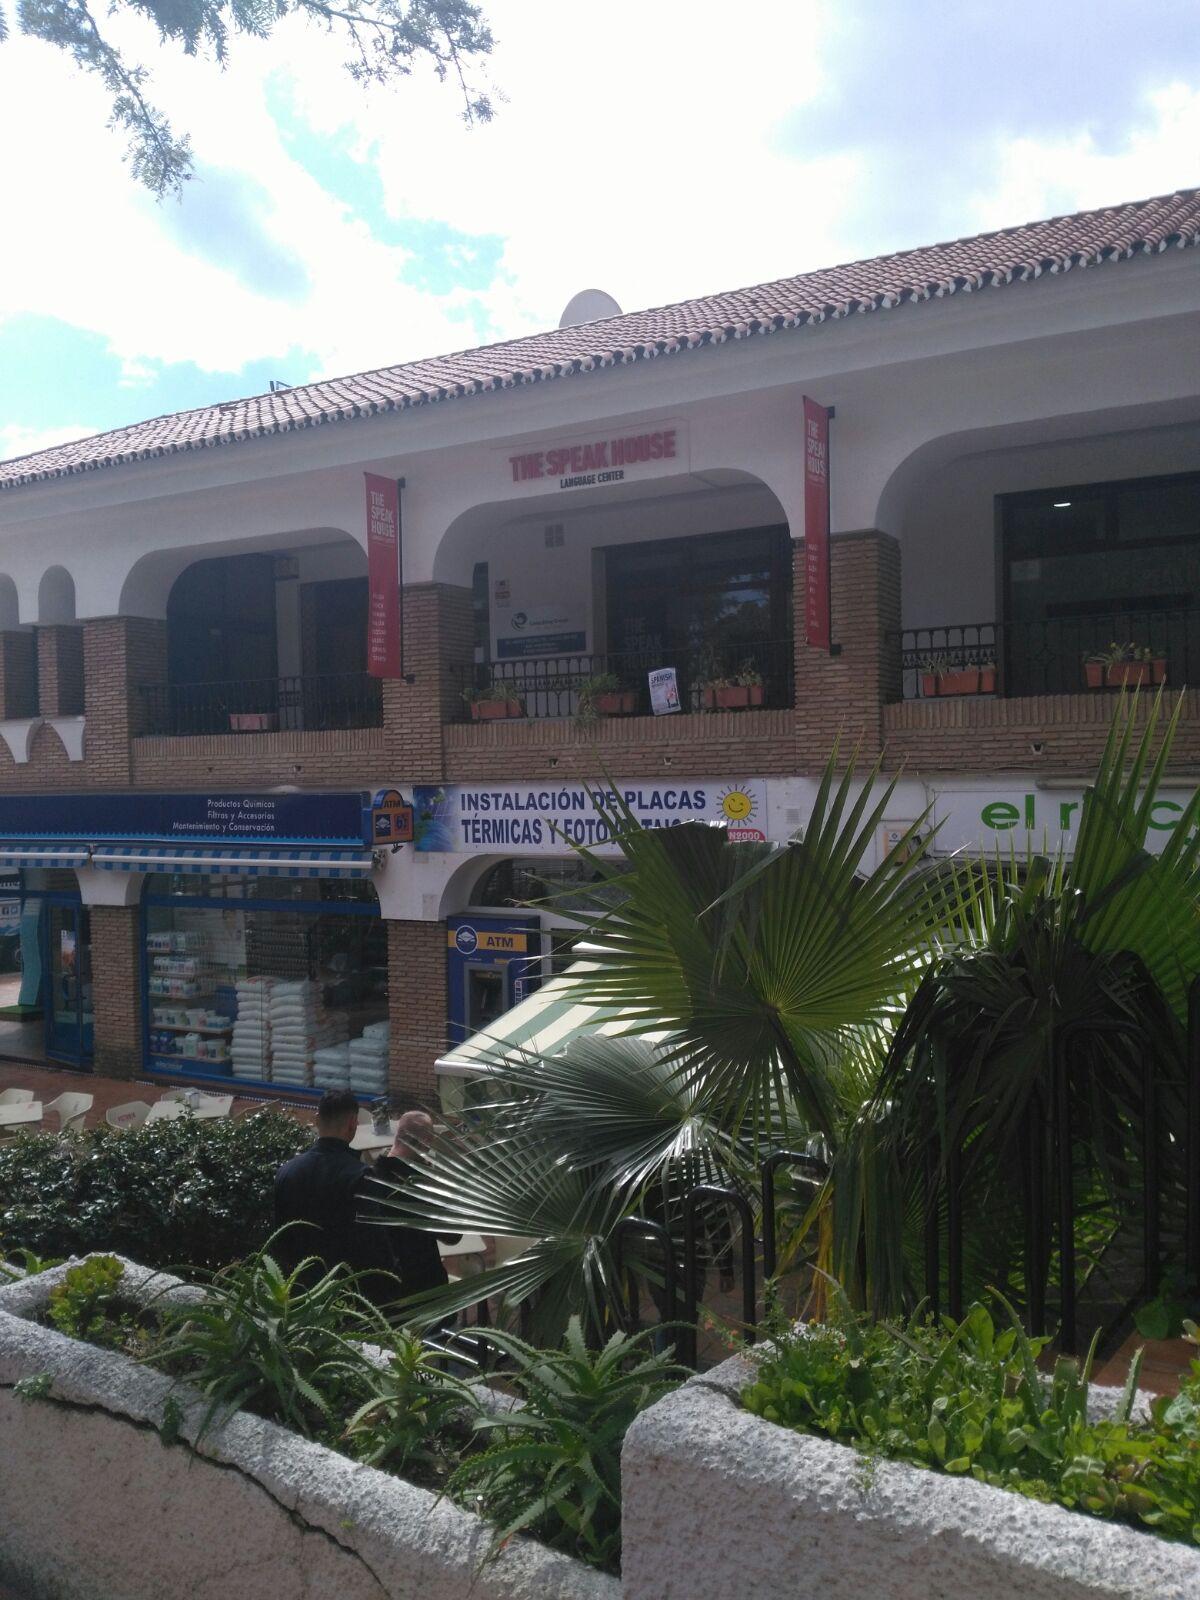 Arroyo de la Miel Spain